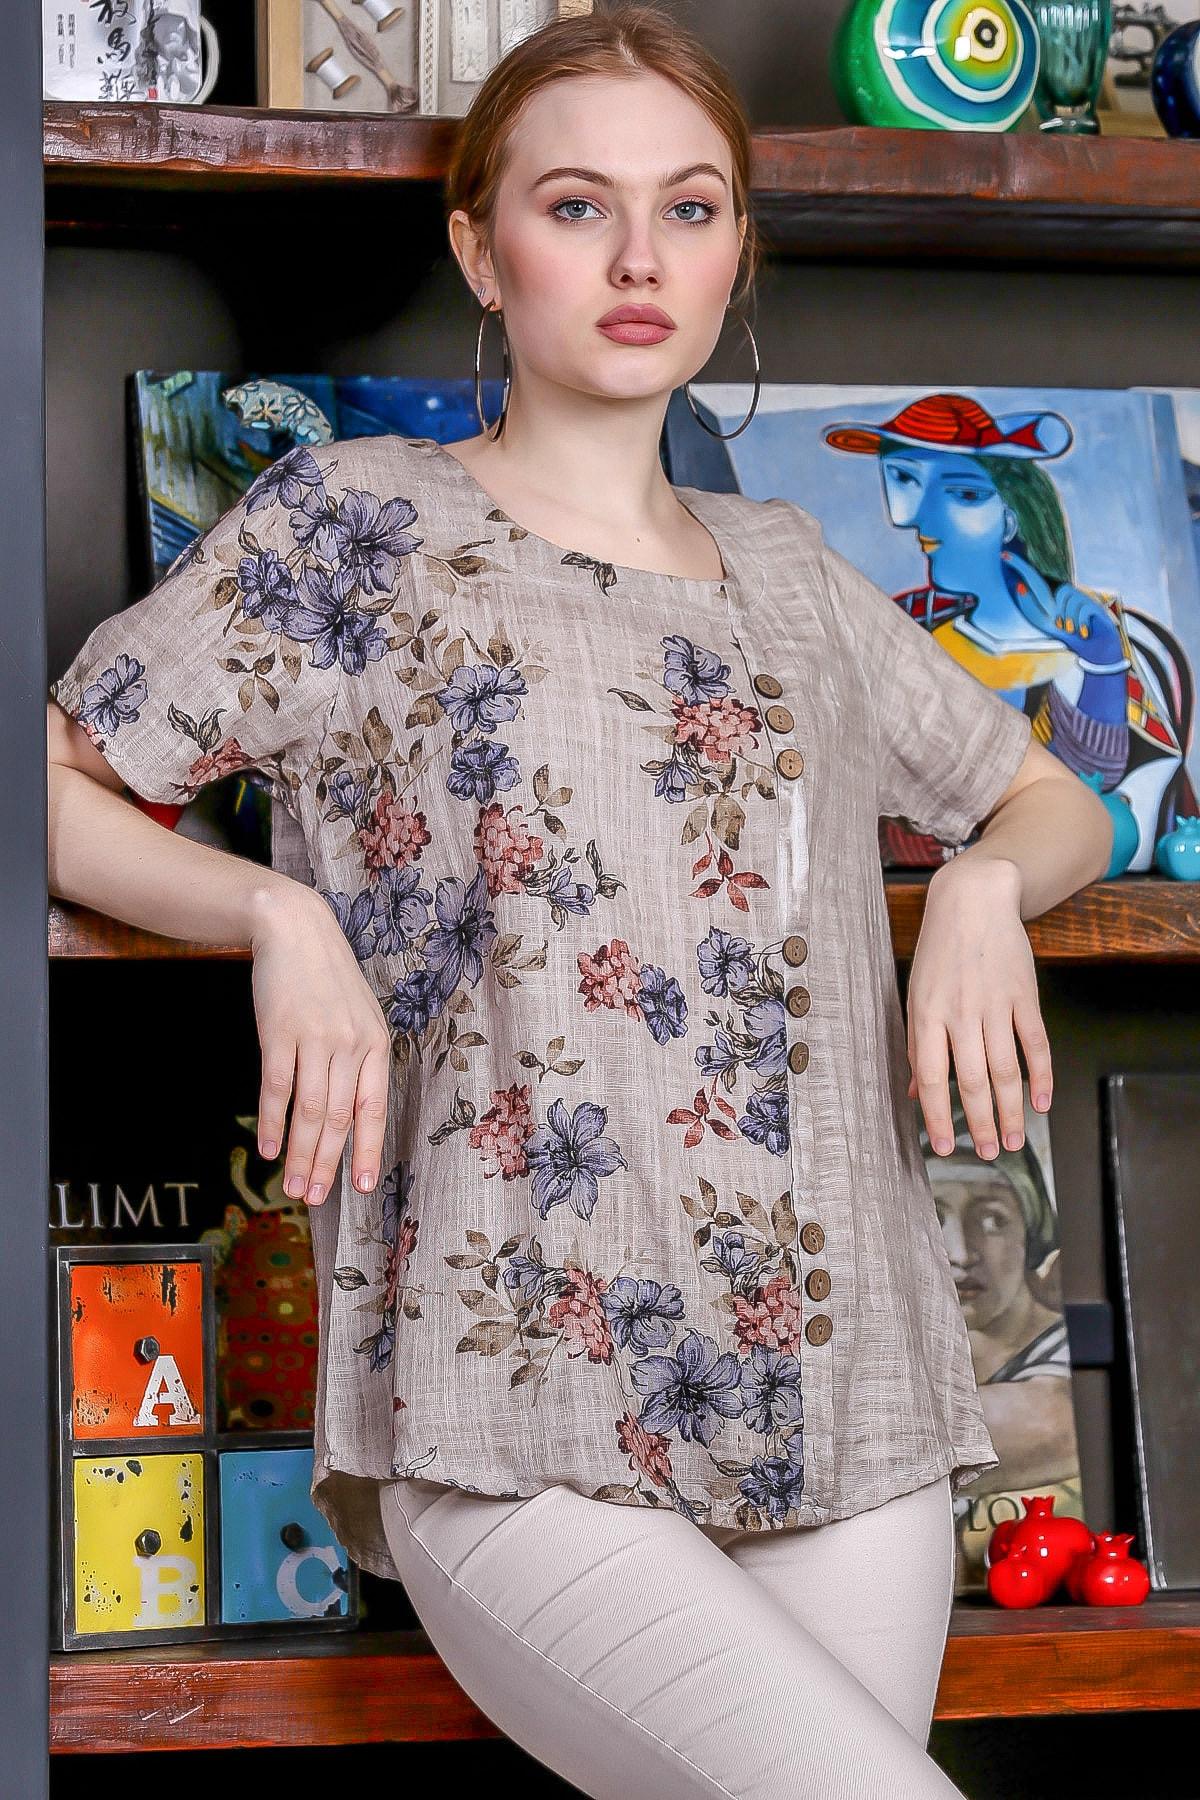 Chiccy Kadın Bej-Rose U Yaka Çiçek Bloklu Süs Düğme Detaylı Kısa Kollu Bluz M10010200BL95492 0